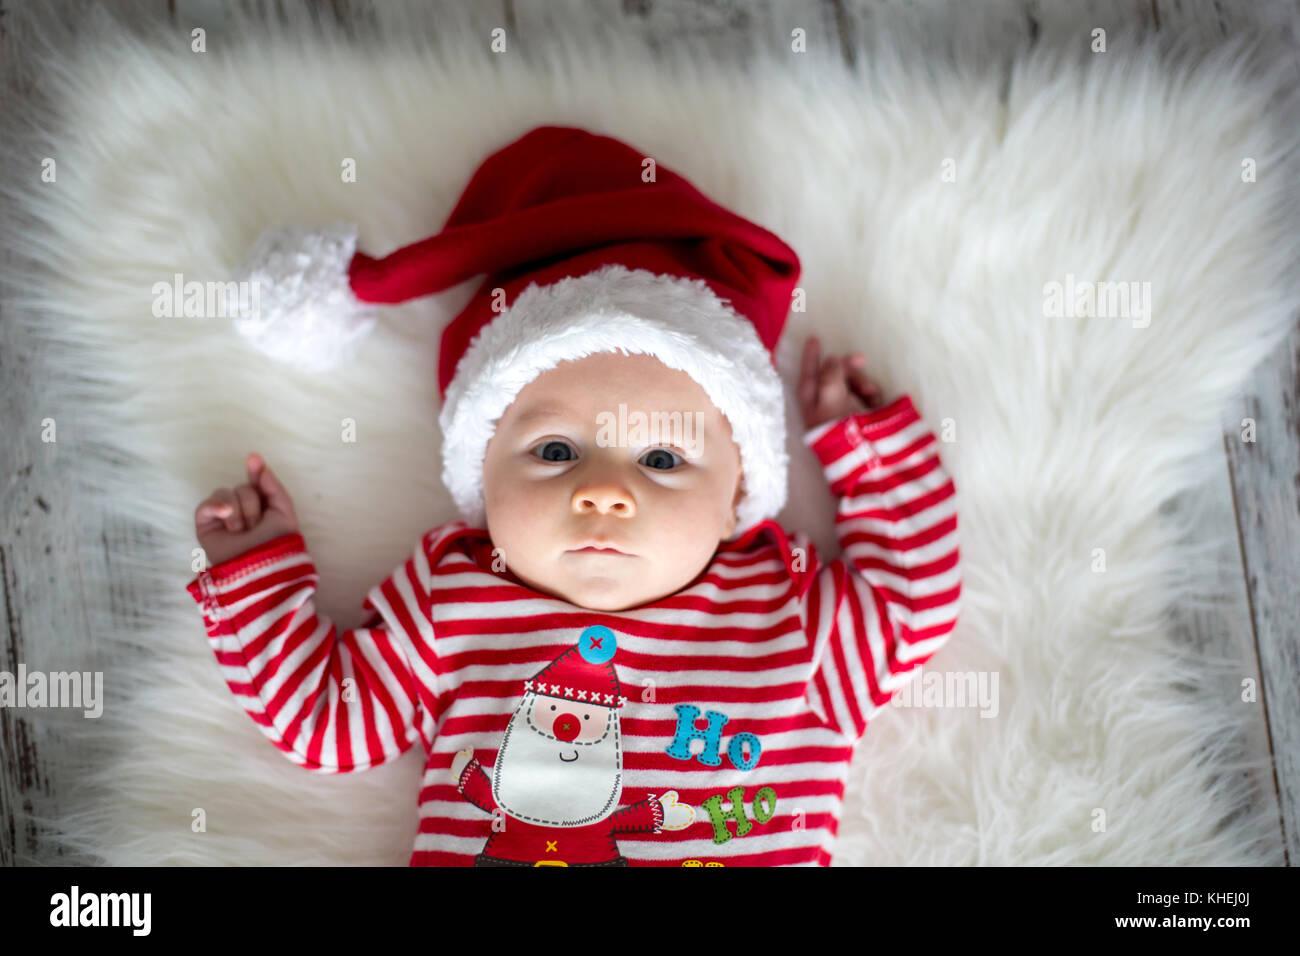 Retrato De Navidad Poco Lindo Bebe Recien Nacido Varon Vestido Con - Bebes-vestidos-de-papa-noel